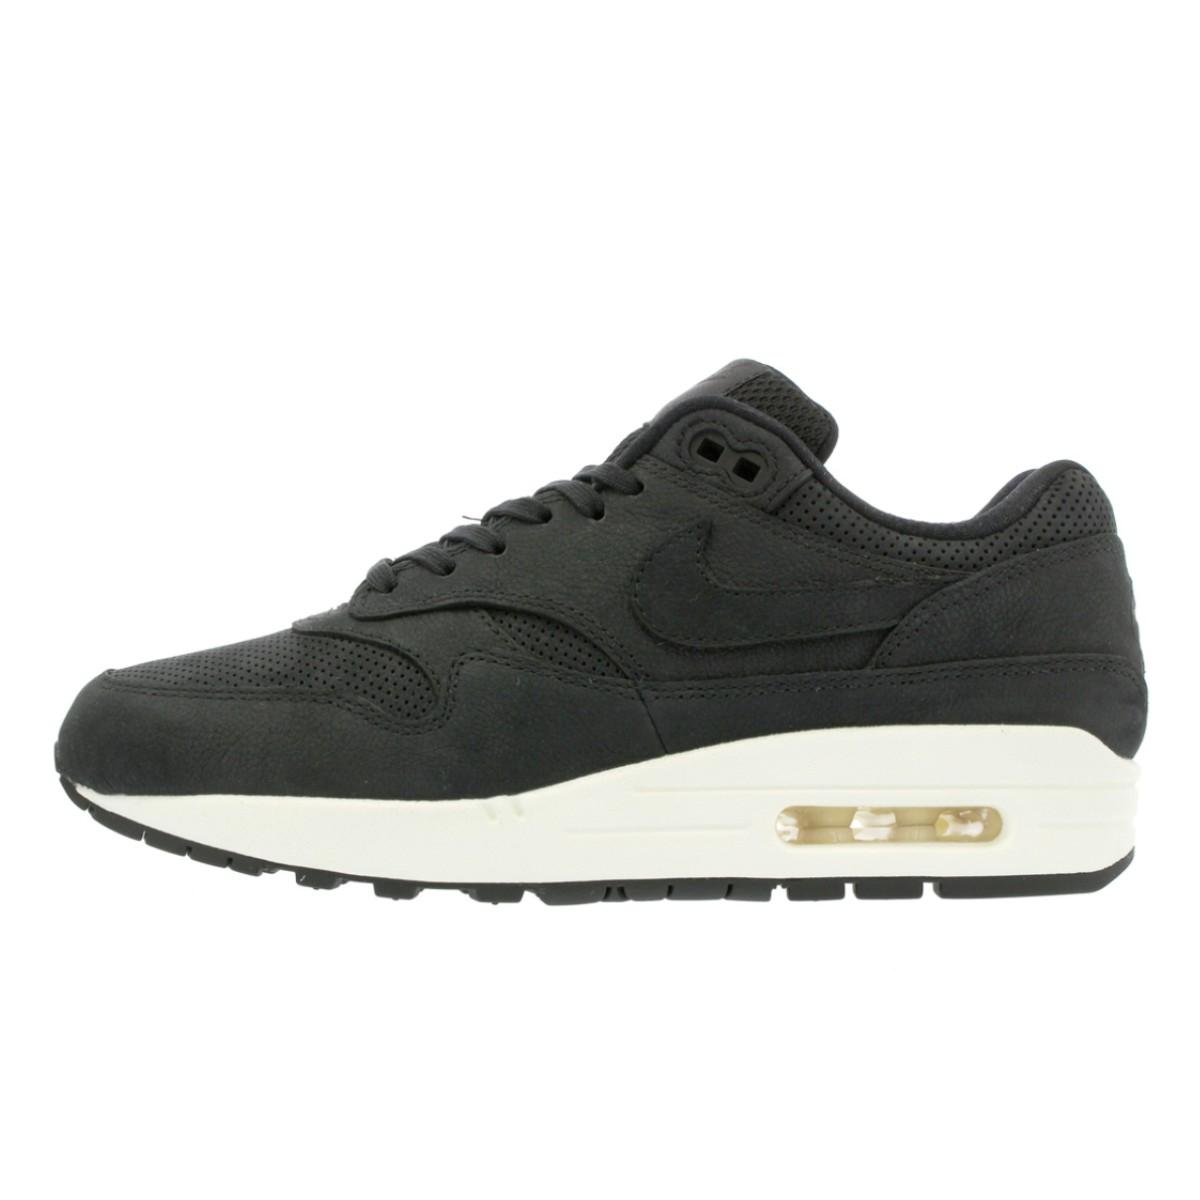 878f3558427 NIKE WMNS AIR MAX 1 PINNACLE Nike women Air Max 1 Pinnacle BLACK BLACK SAIL